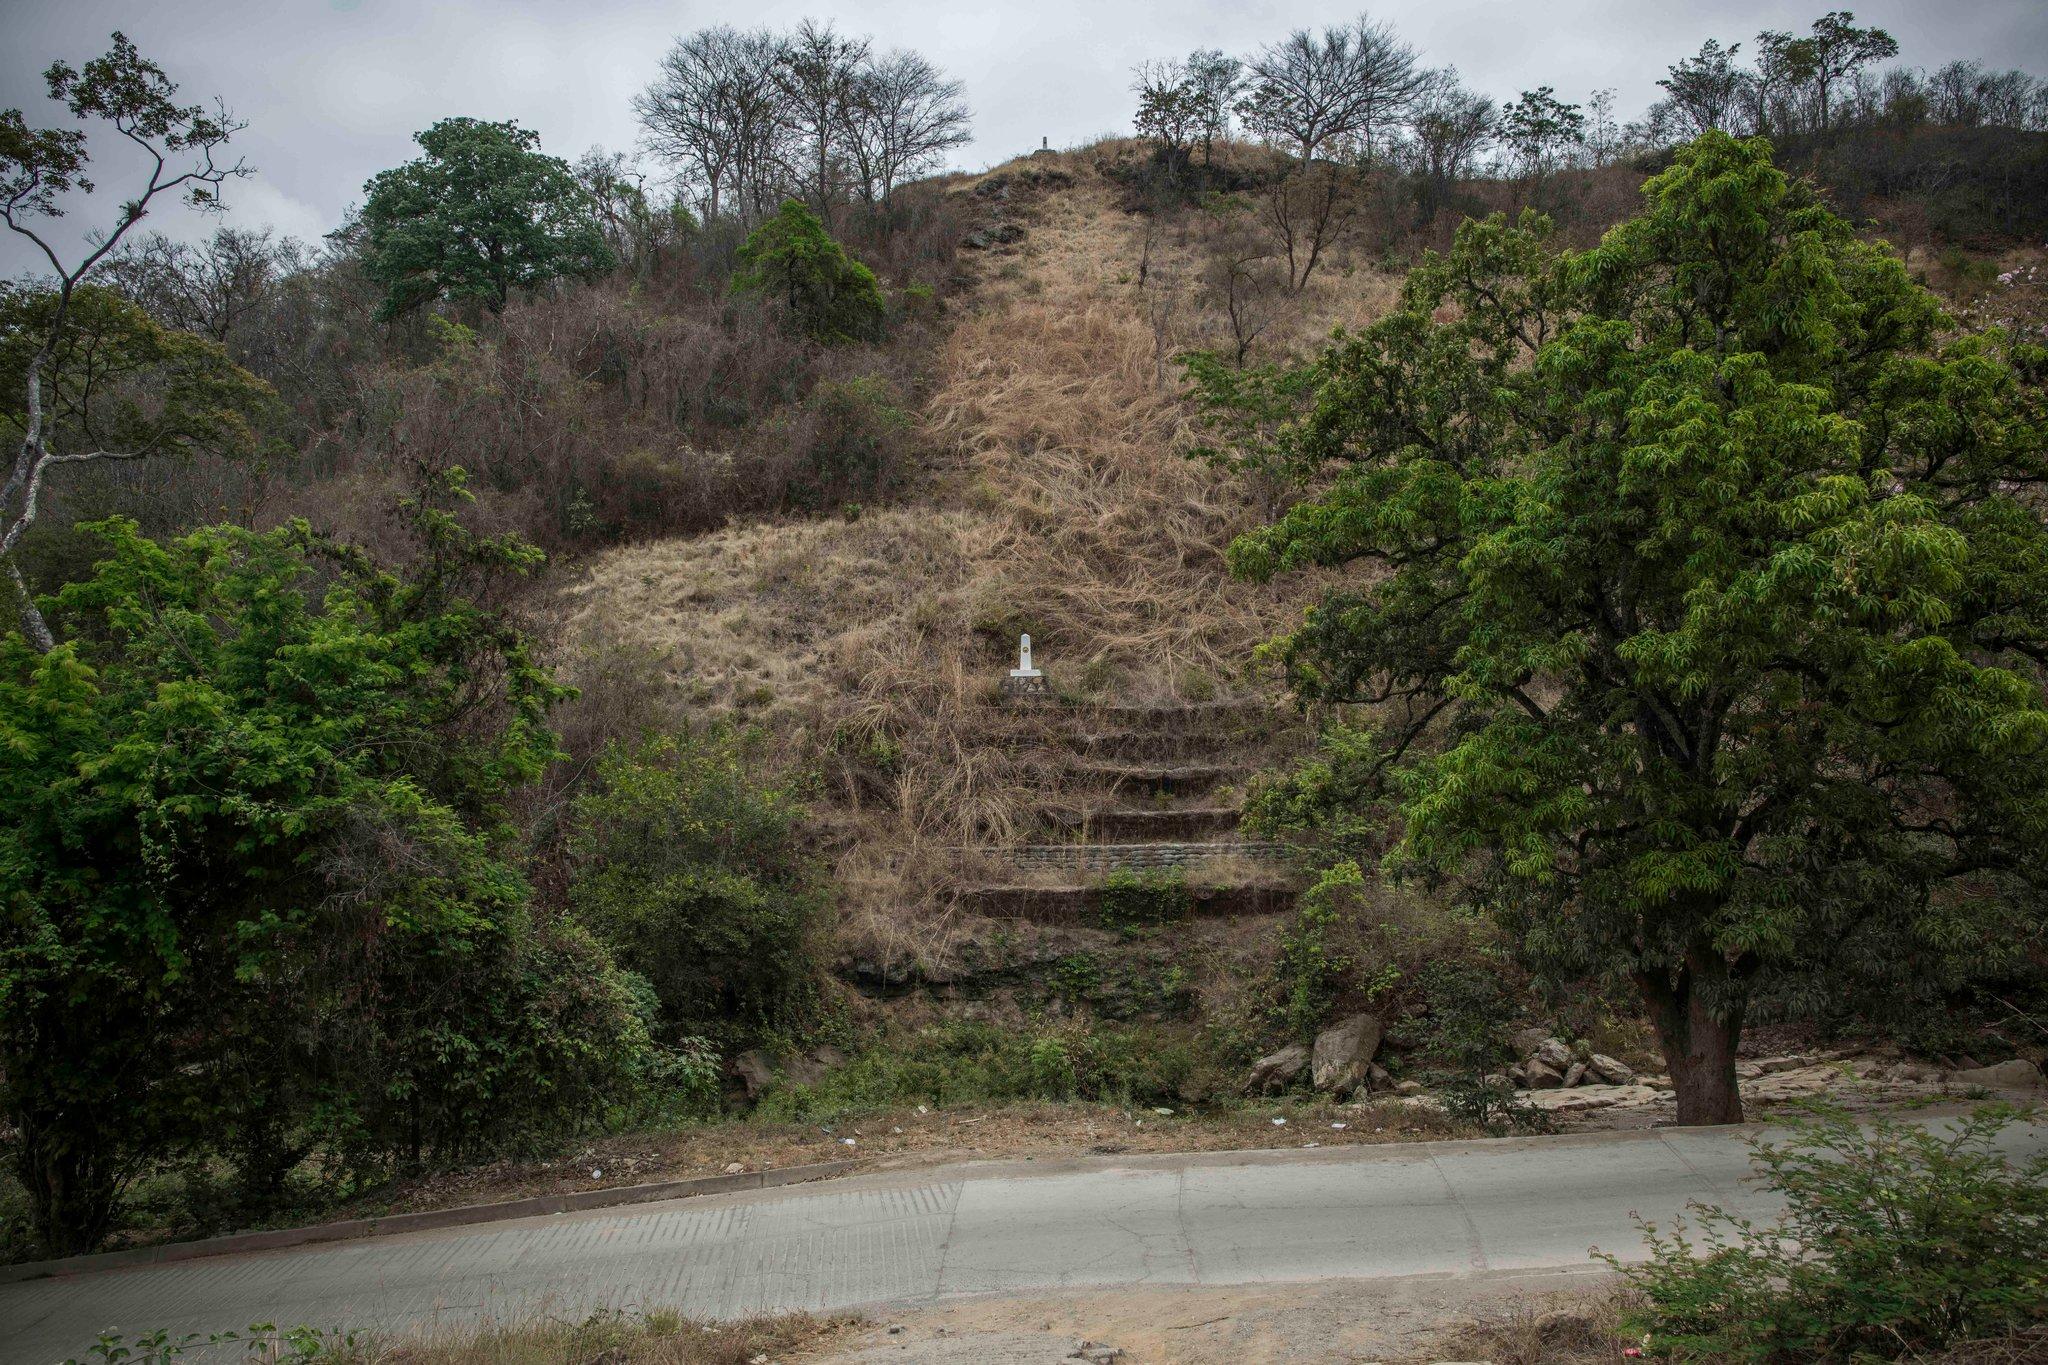 La frontera entre Guatemala y México, cerca de la vivienda de Pablo (Daniele Volpe para The New York Times)